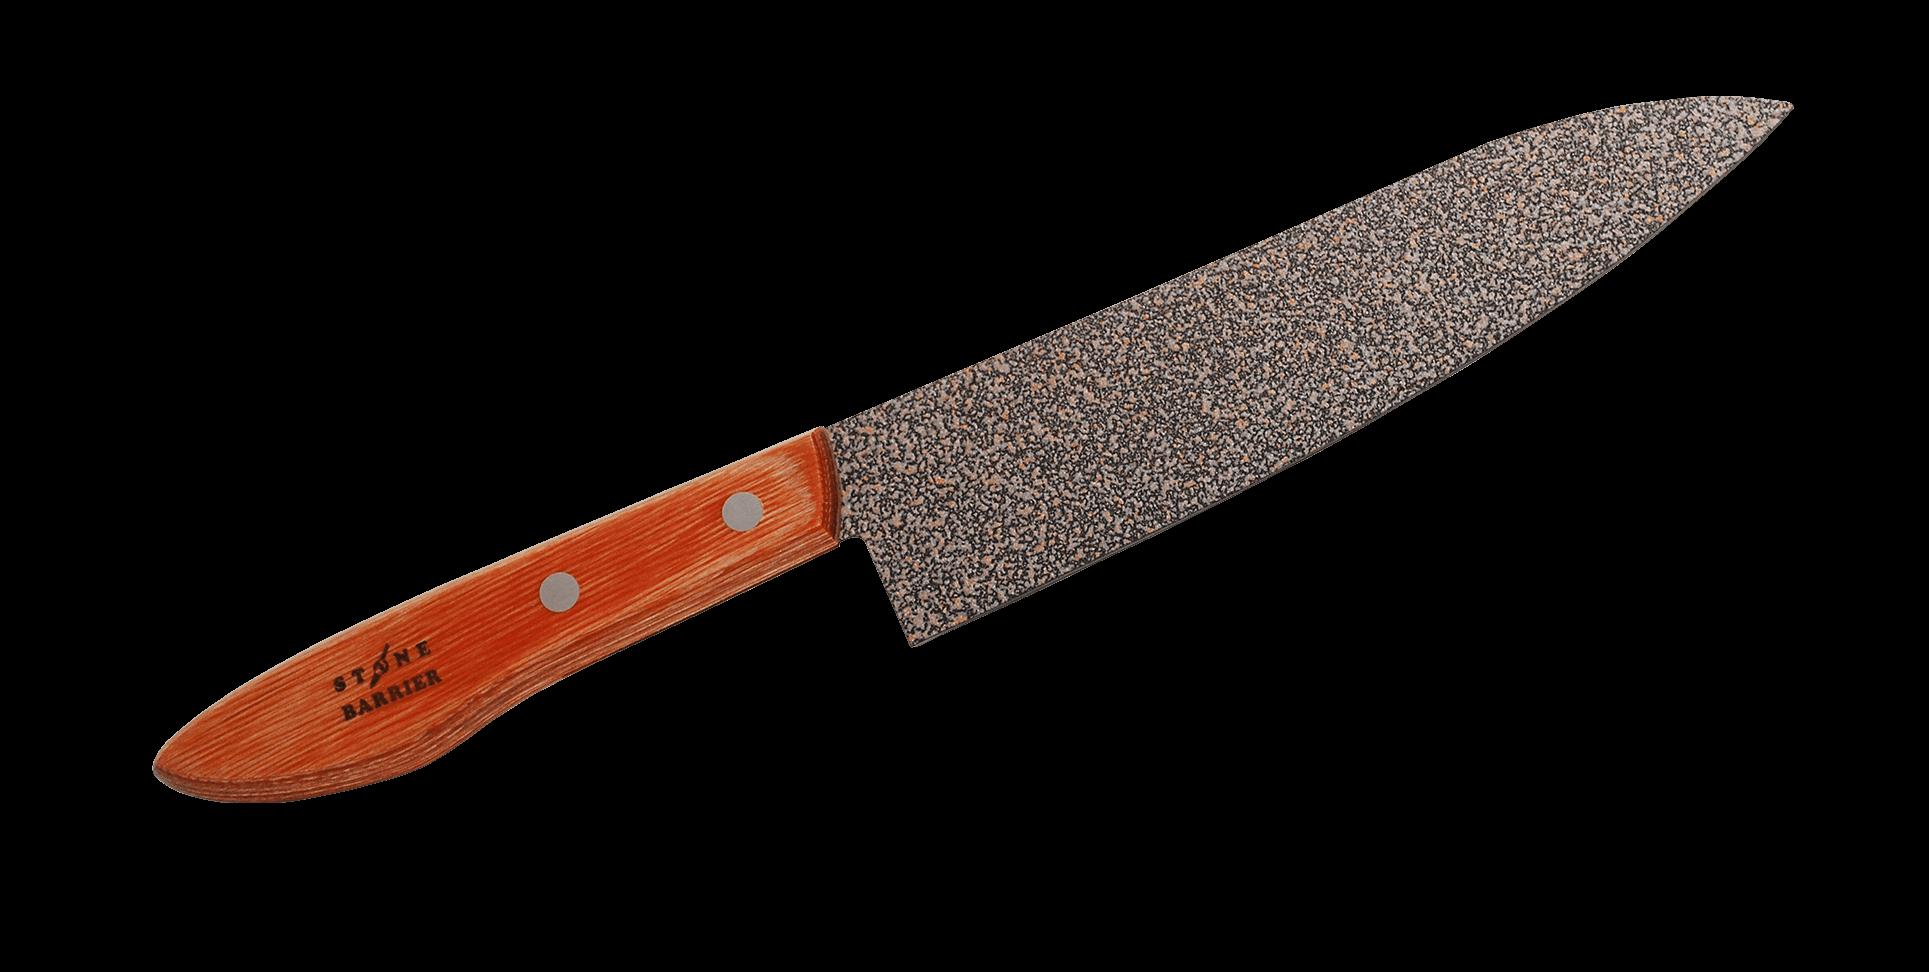 スーパーストーンバリア包丁 牛刀